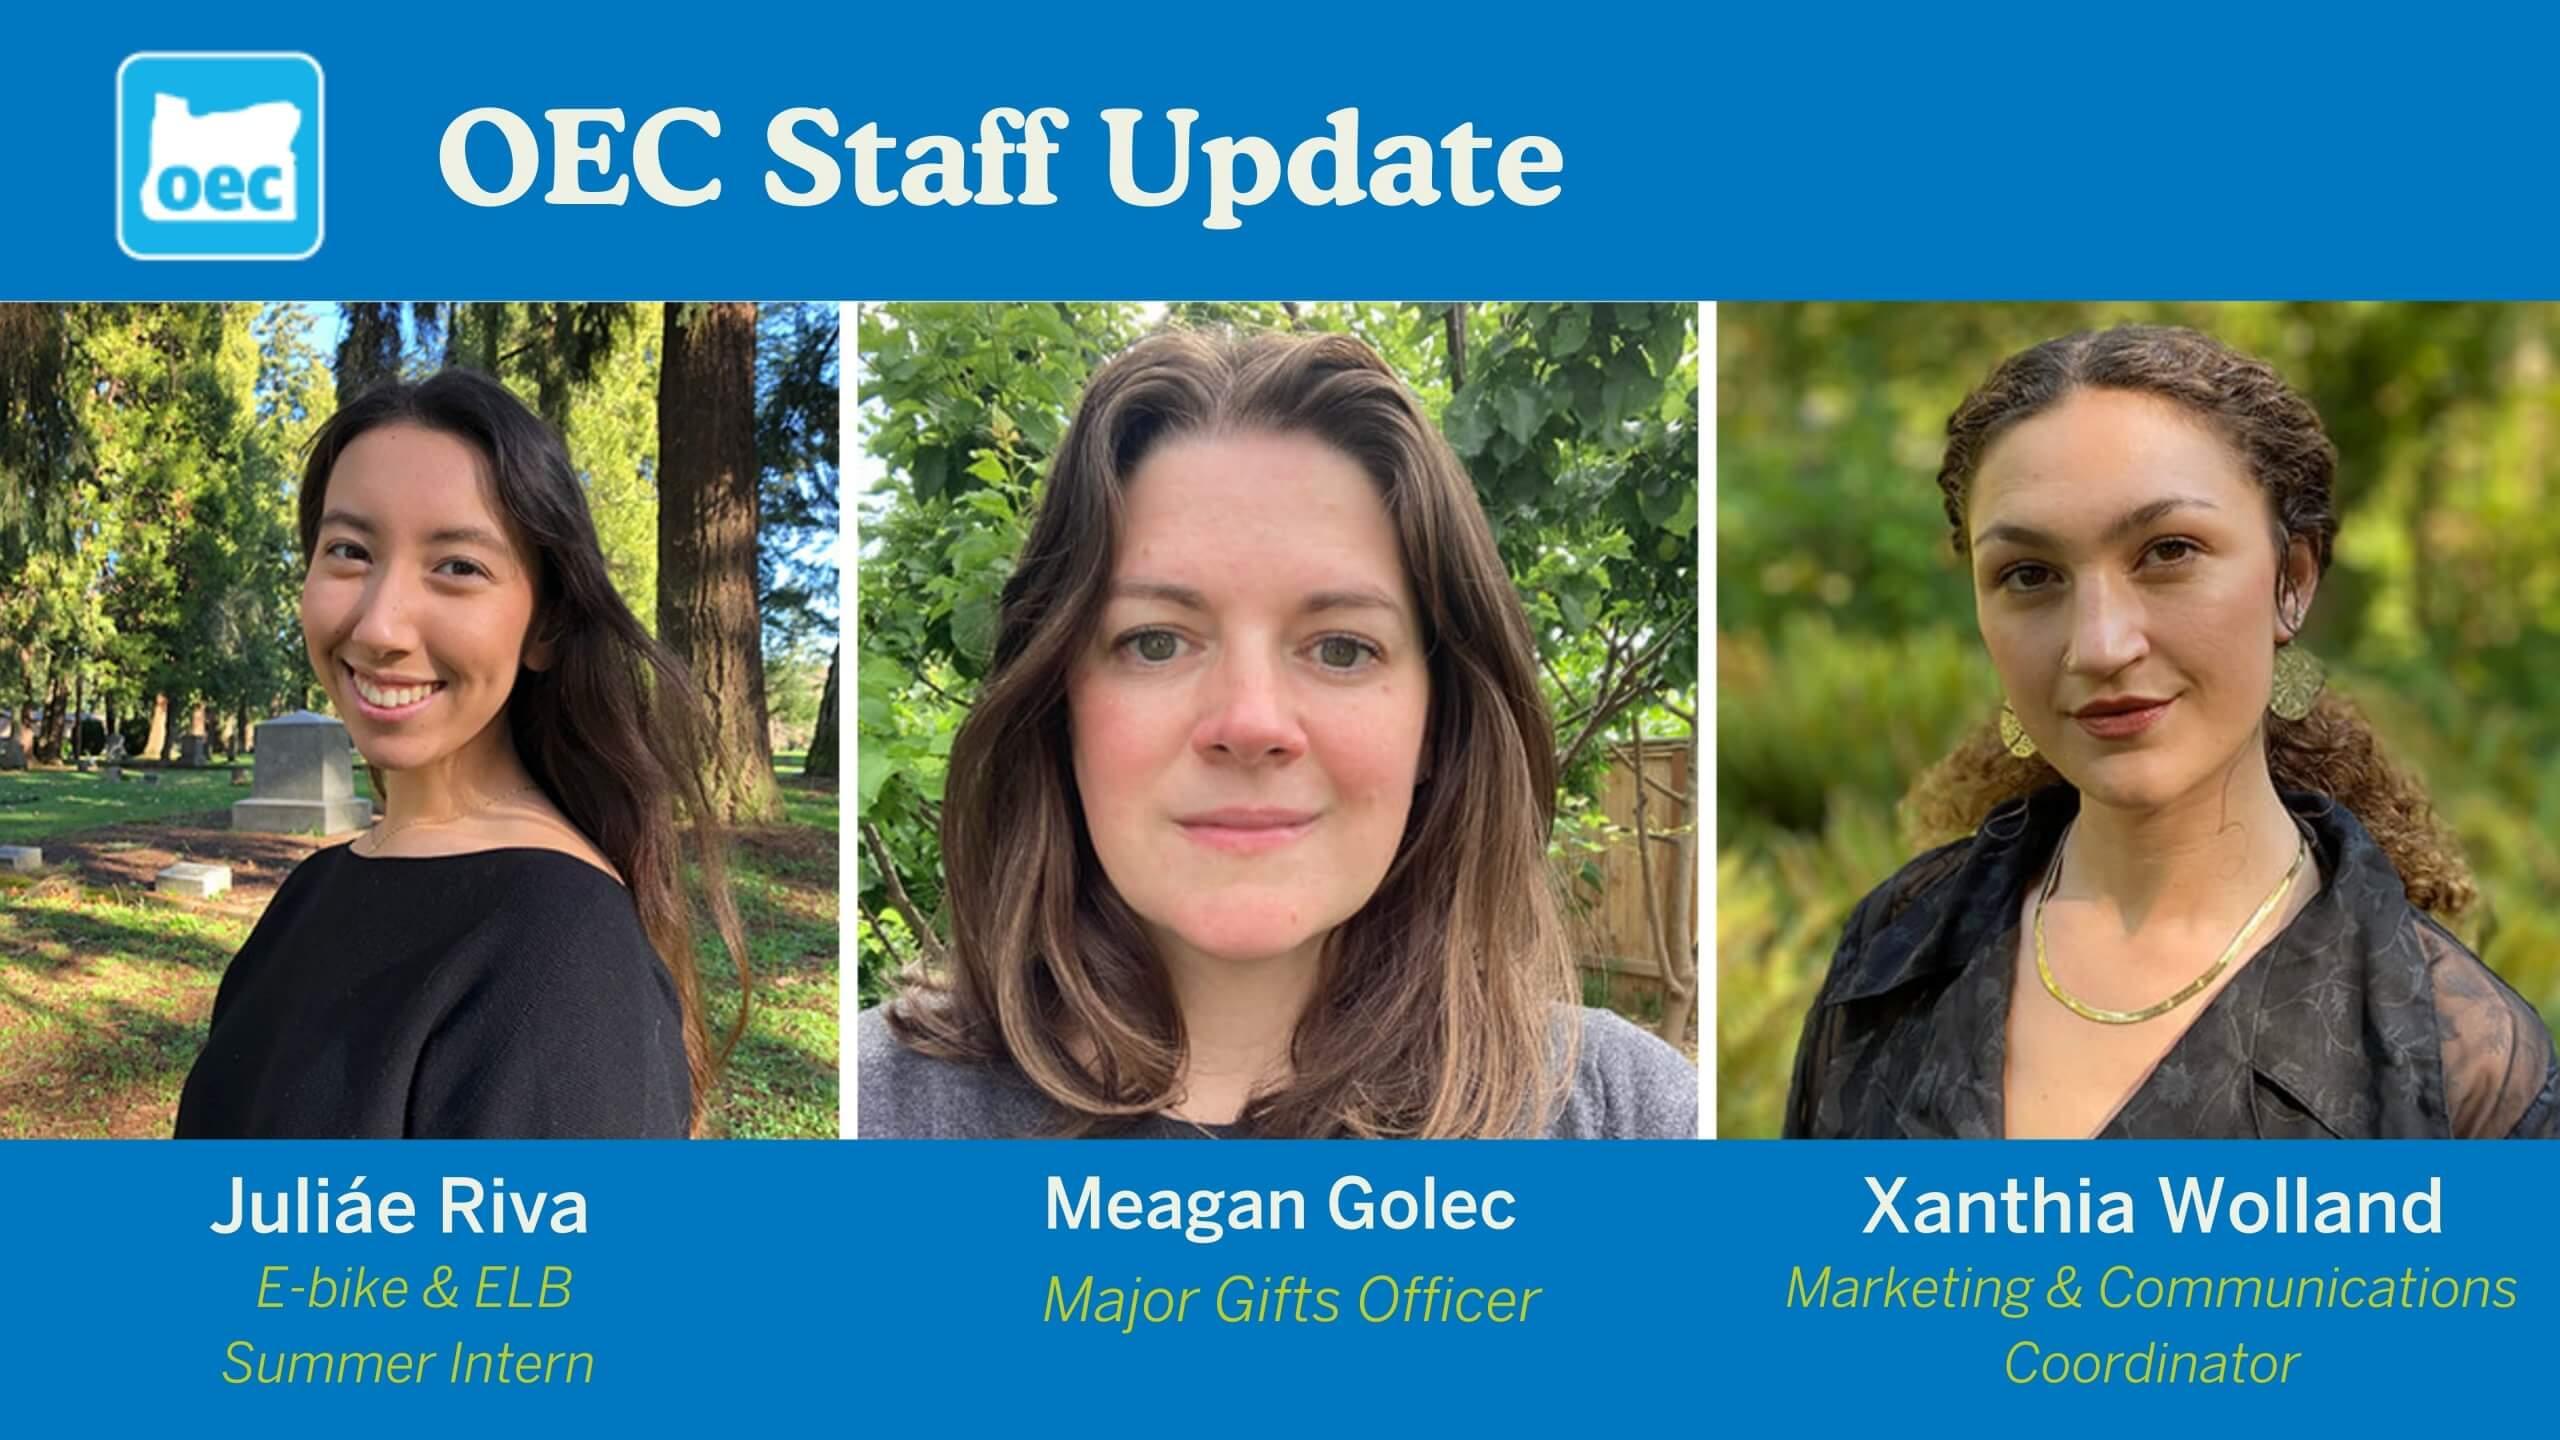 Three new staff members for OEC headshots